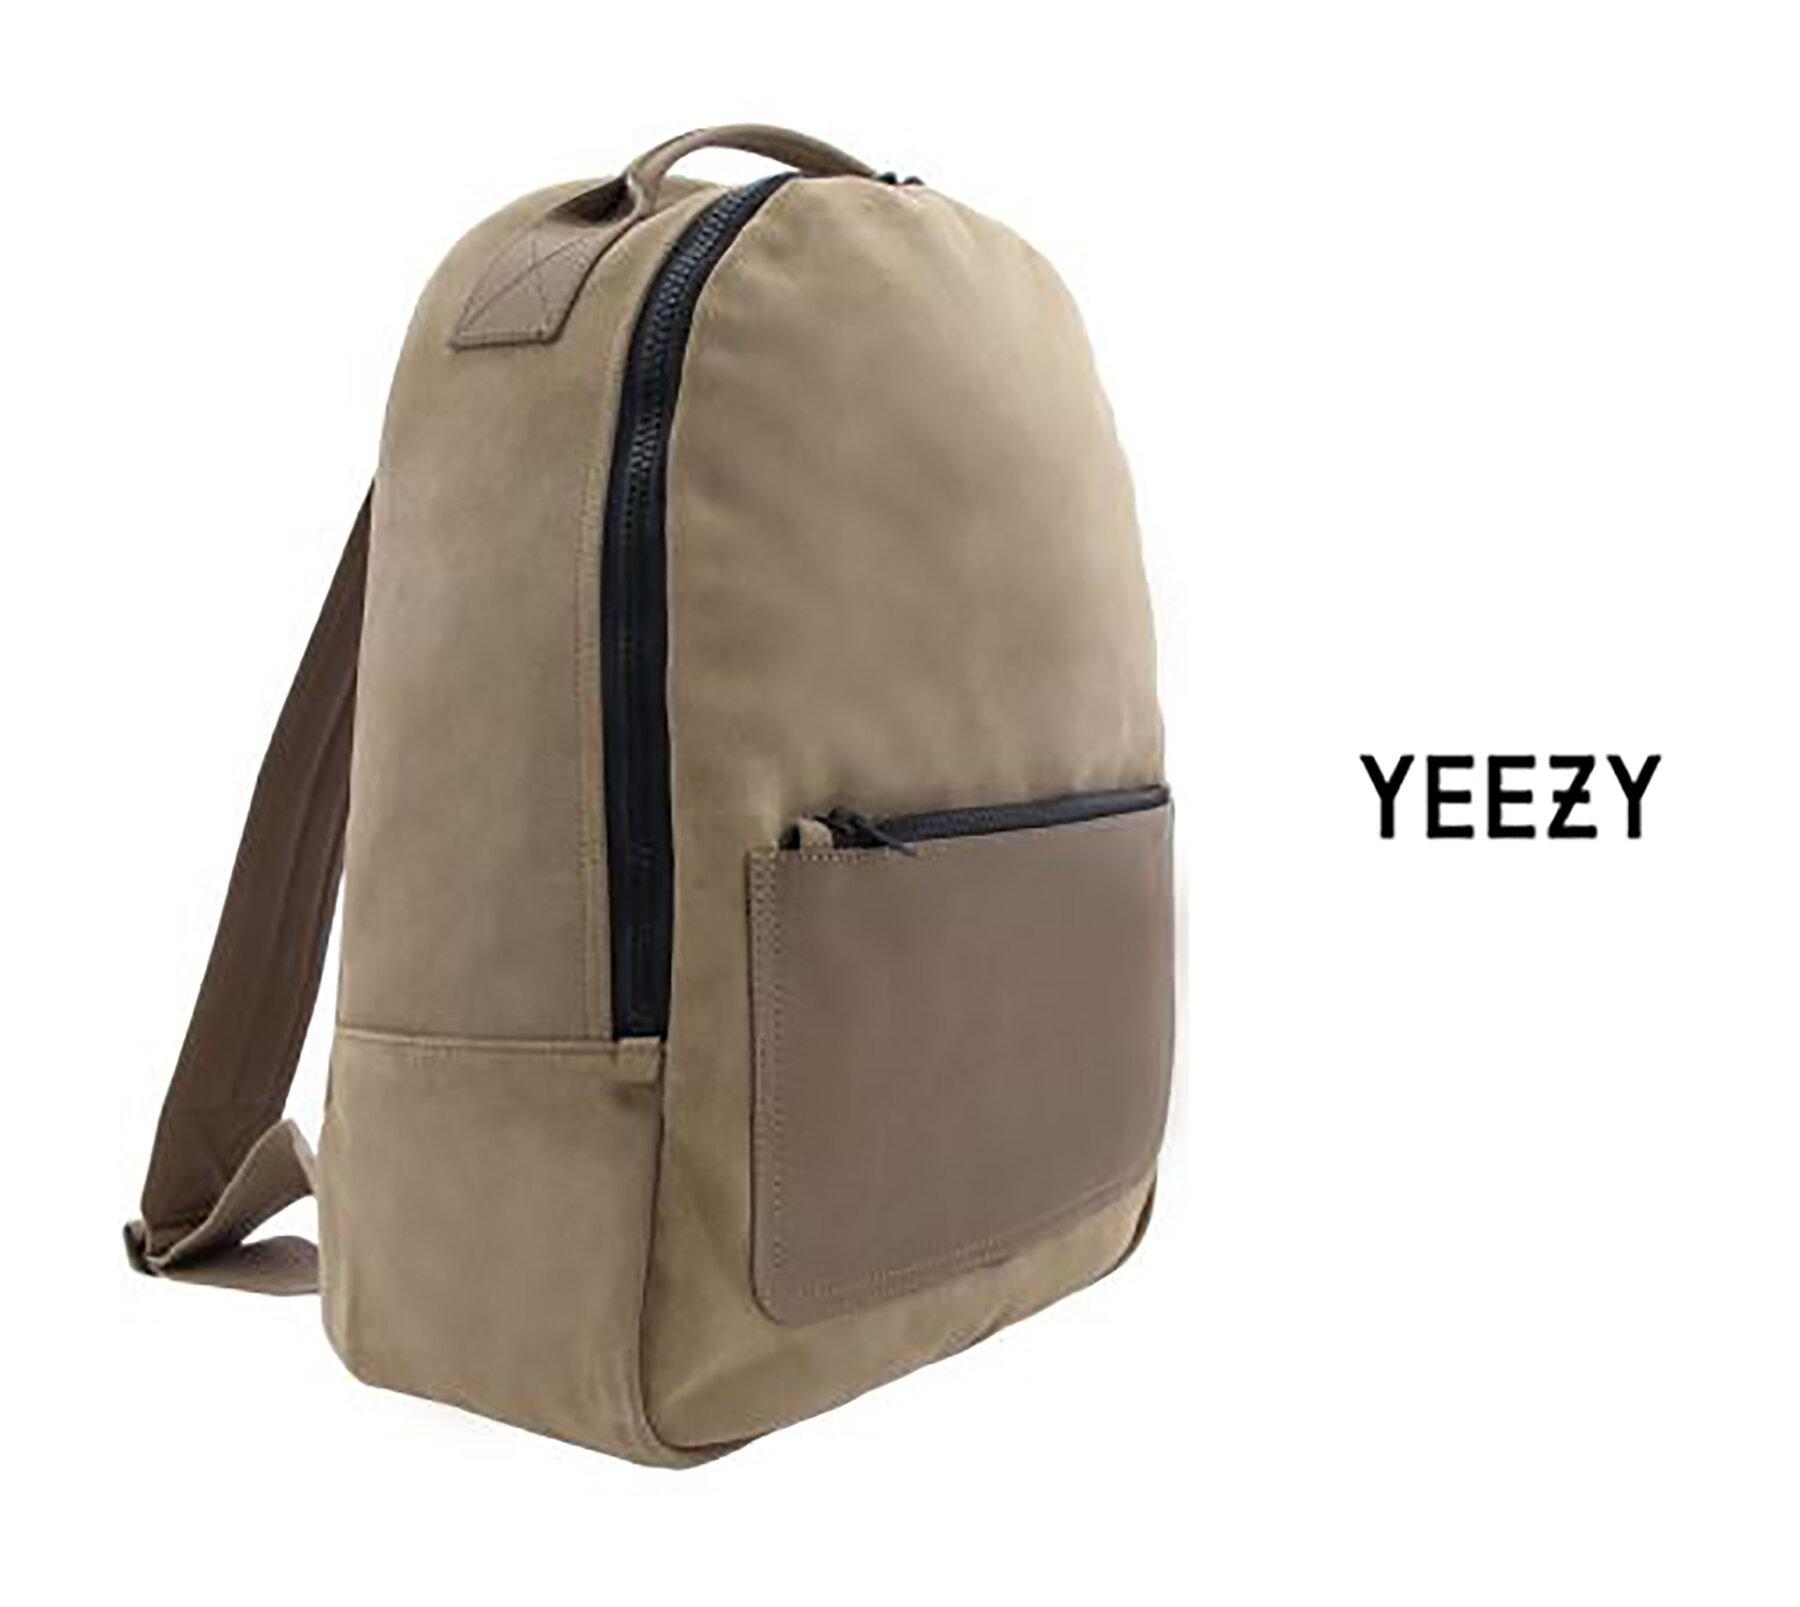 YEEZY Backpack